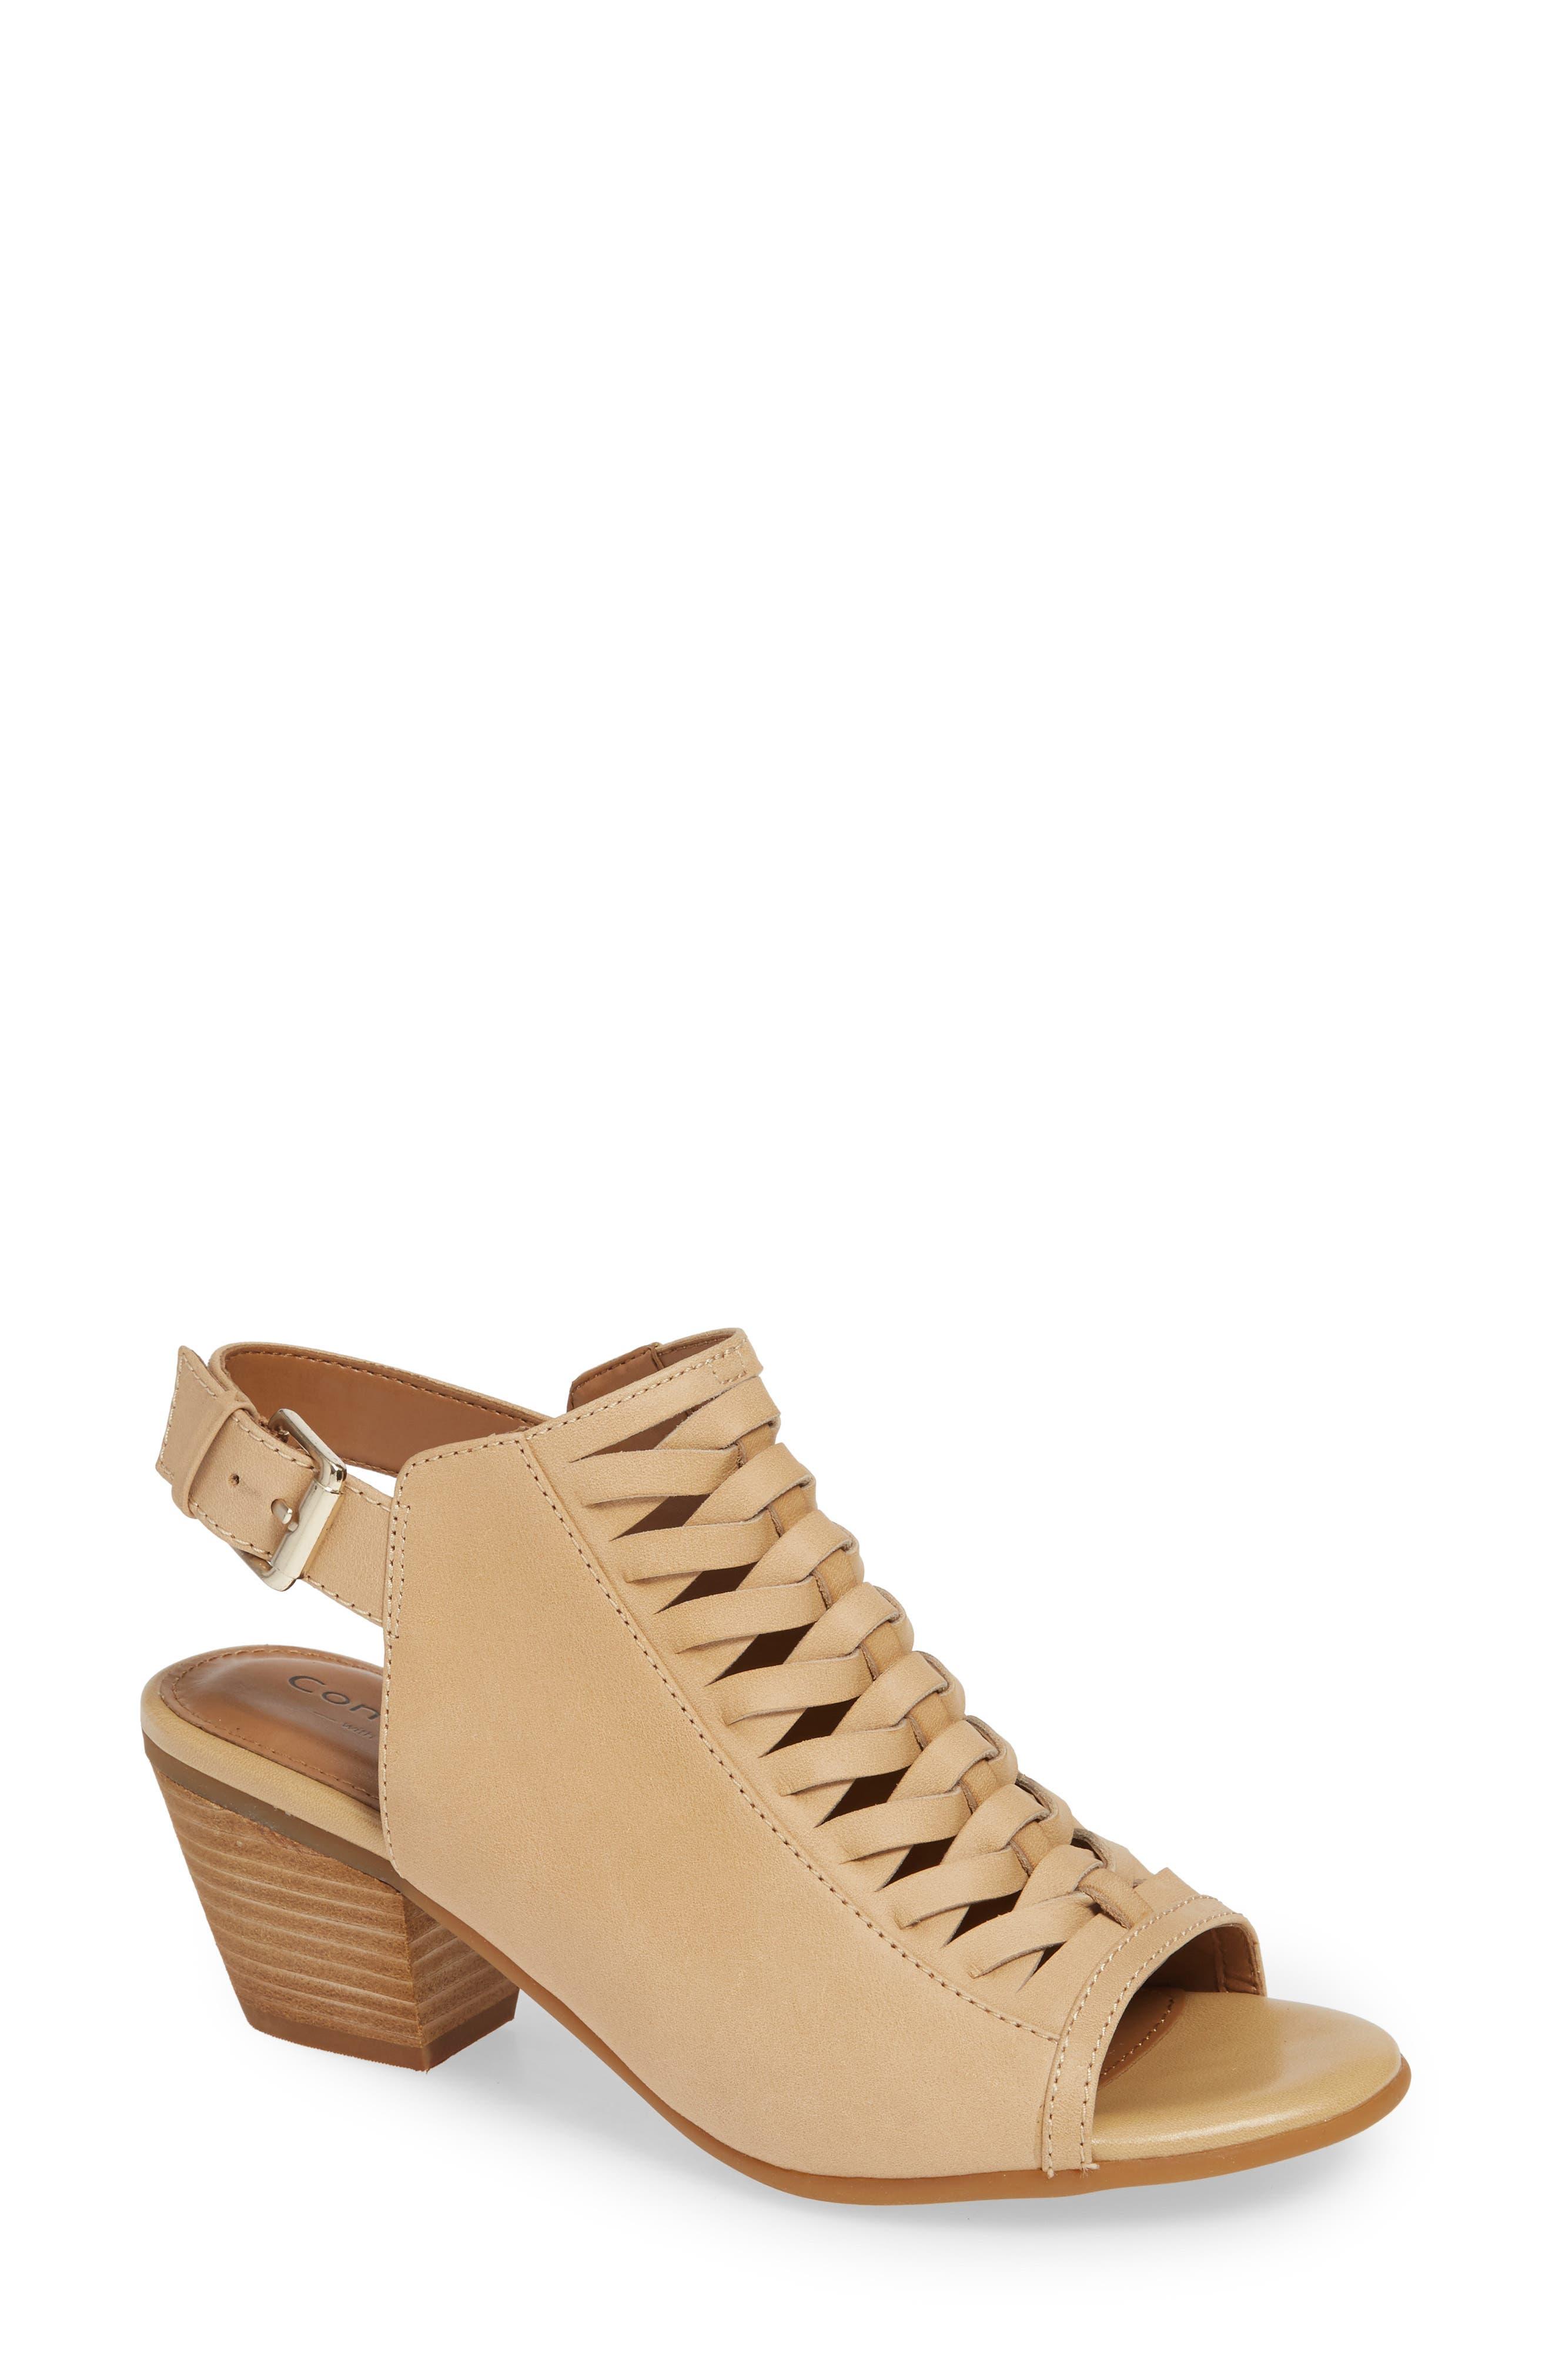 35af0028be9 Comfortiva Alanna Leather Sandal